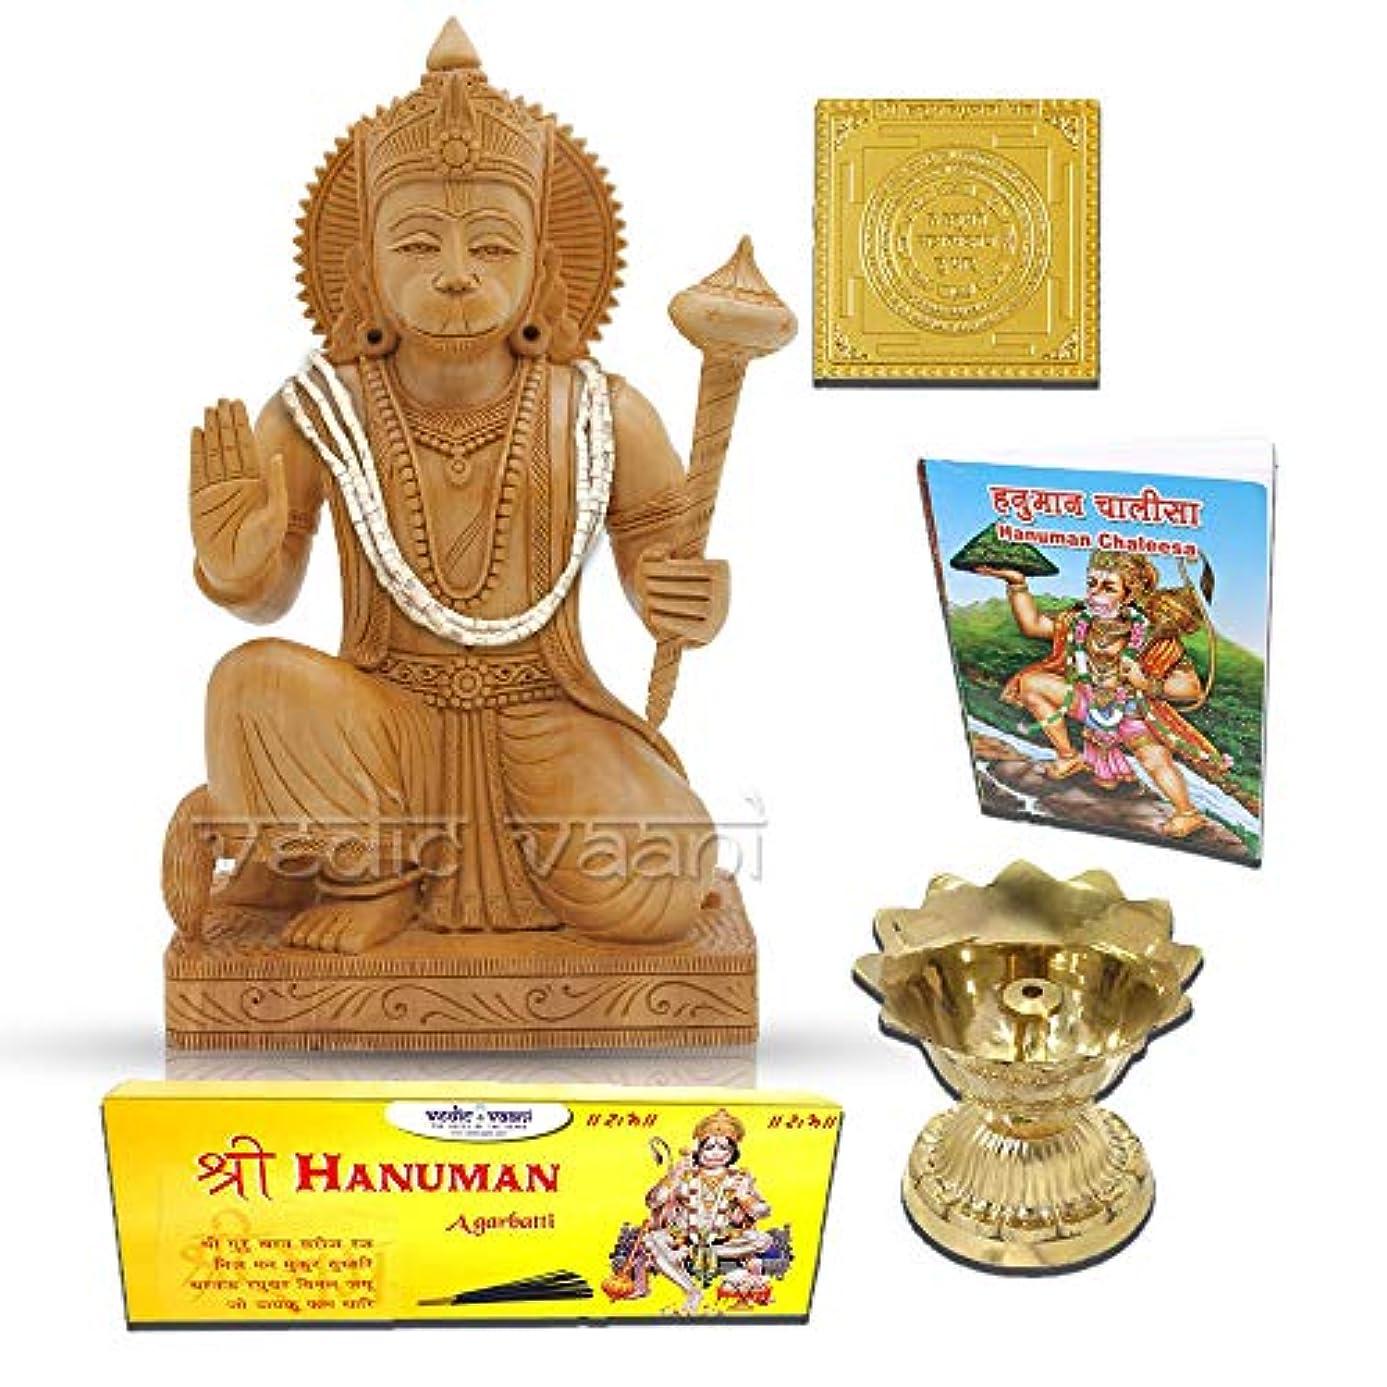 蜜読みやすい注釈を付けるLord Hanuman木製Statue withヤントラ、Chalisa、Diya and Incense Sticks Vedic Vaani